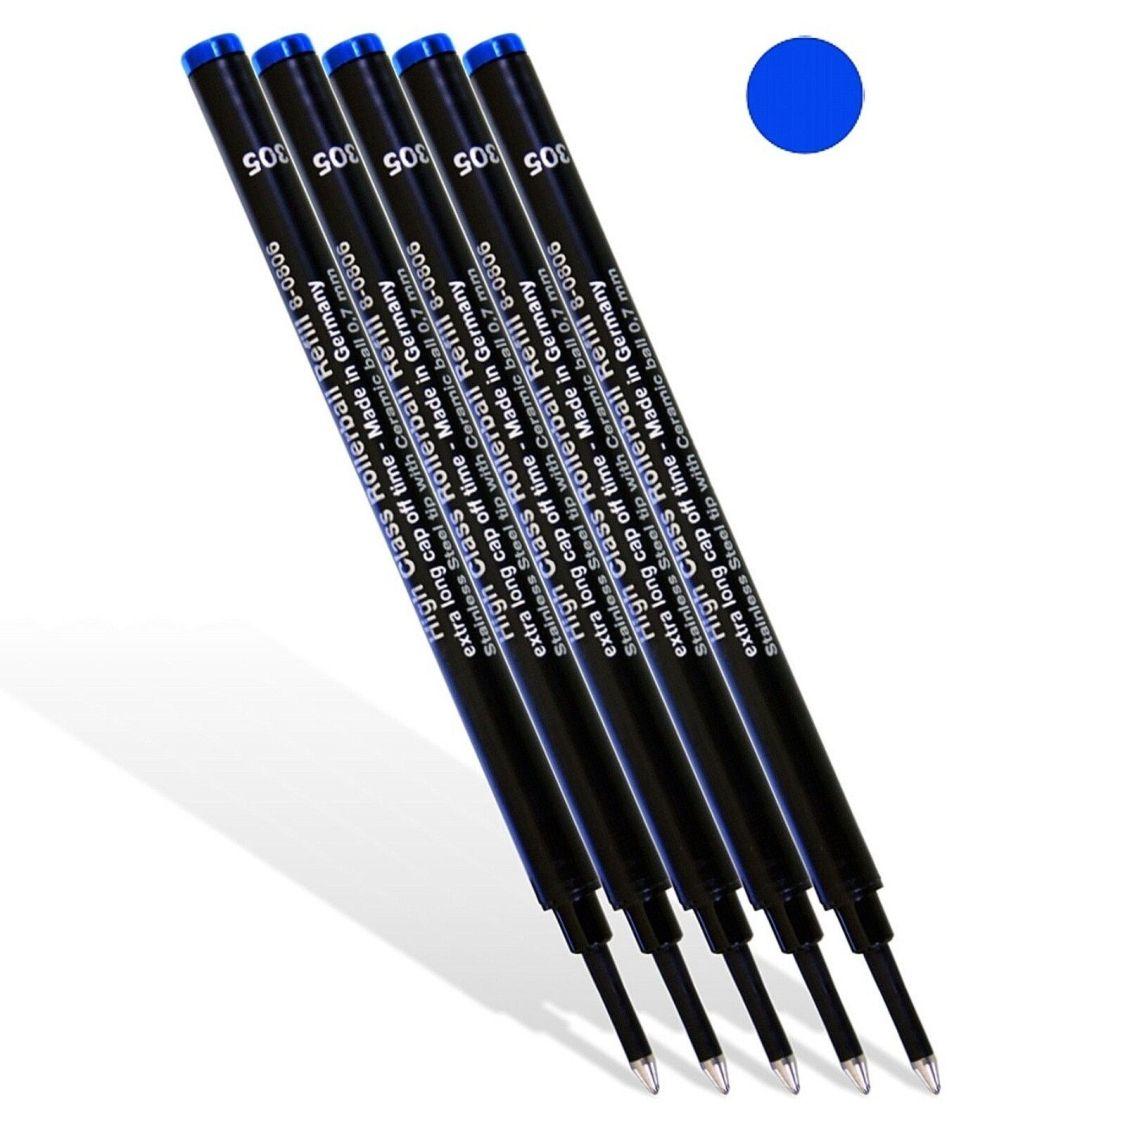 5 St - Tintenrollerminen - Rollerballminen - Tintenroller Mine - blau - NEU